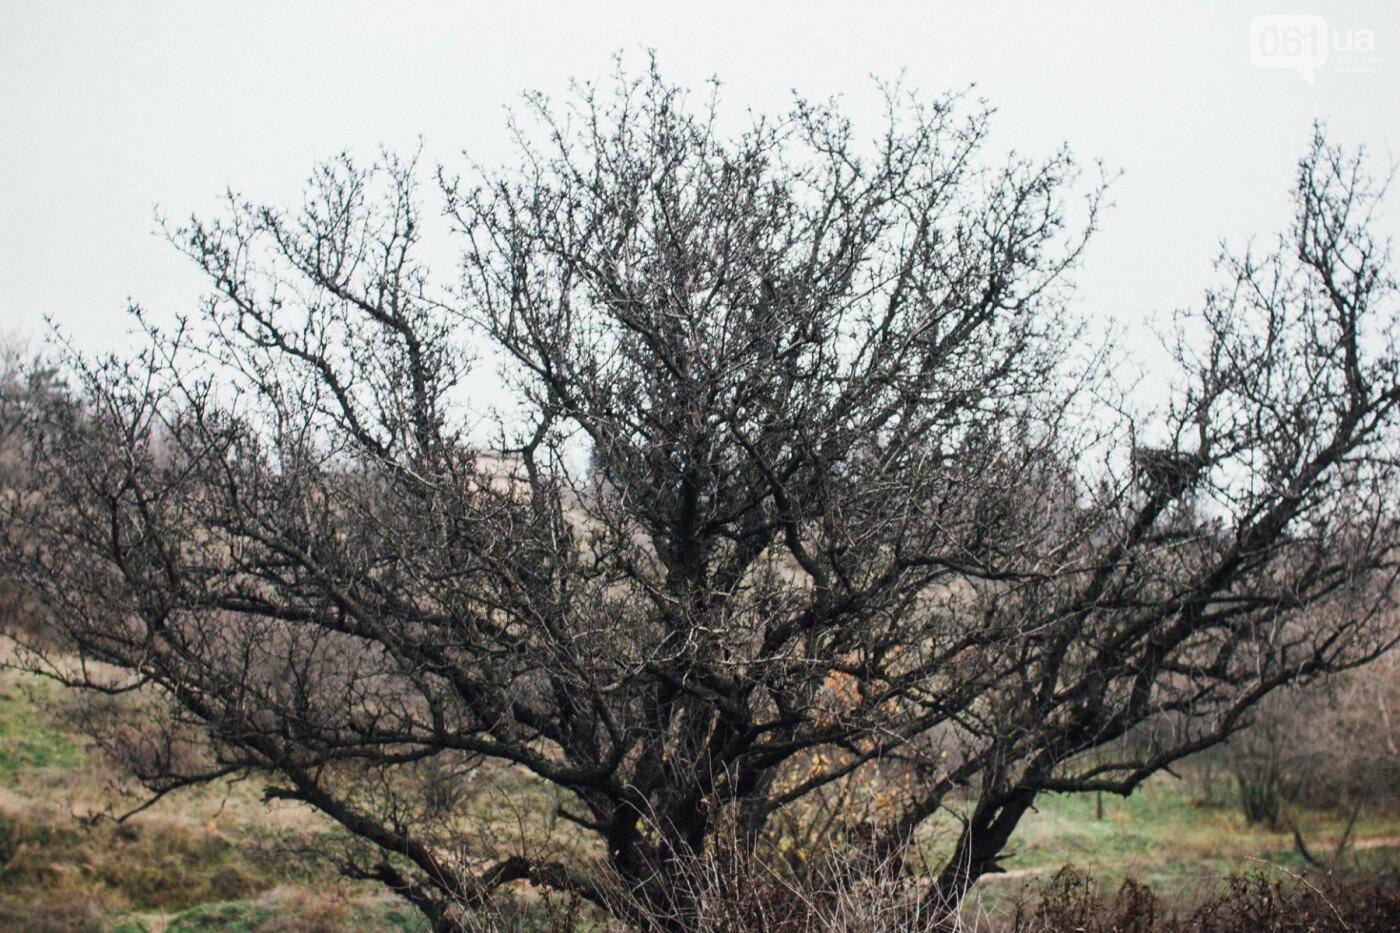 Четыре дня до зимы: как выглядит Хортица поздней осенью, - ФОТОРЕПОРТАЖ, фото-25